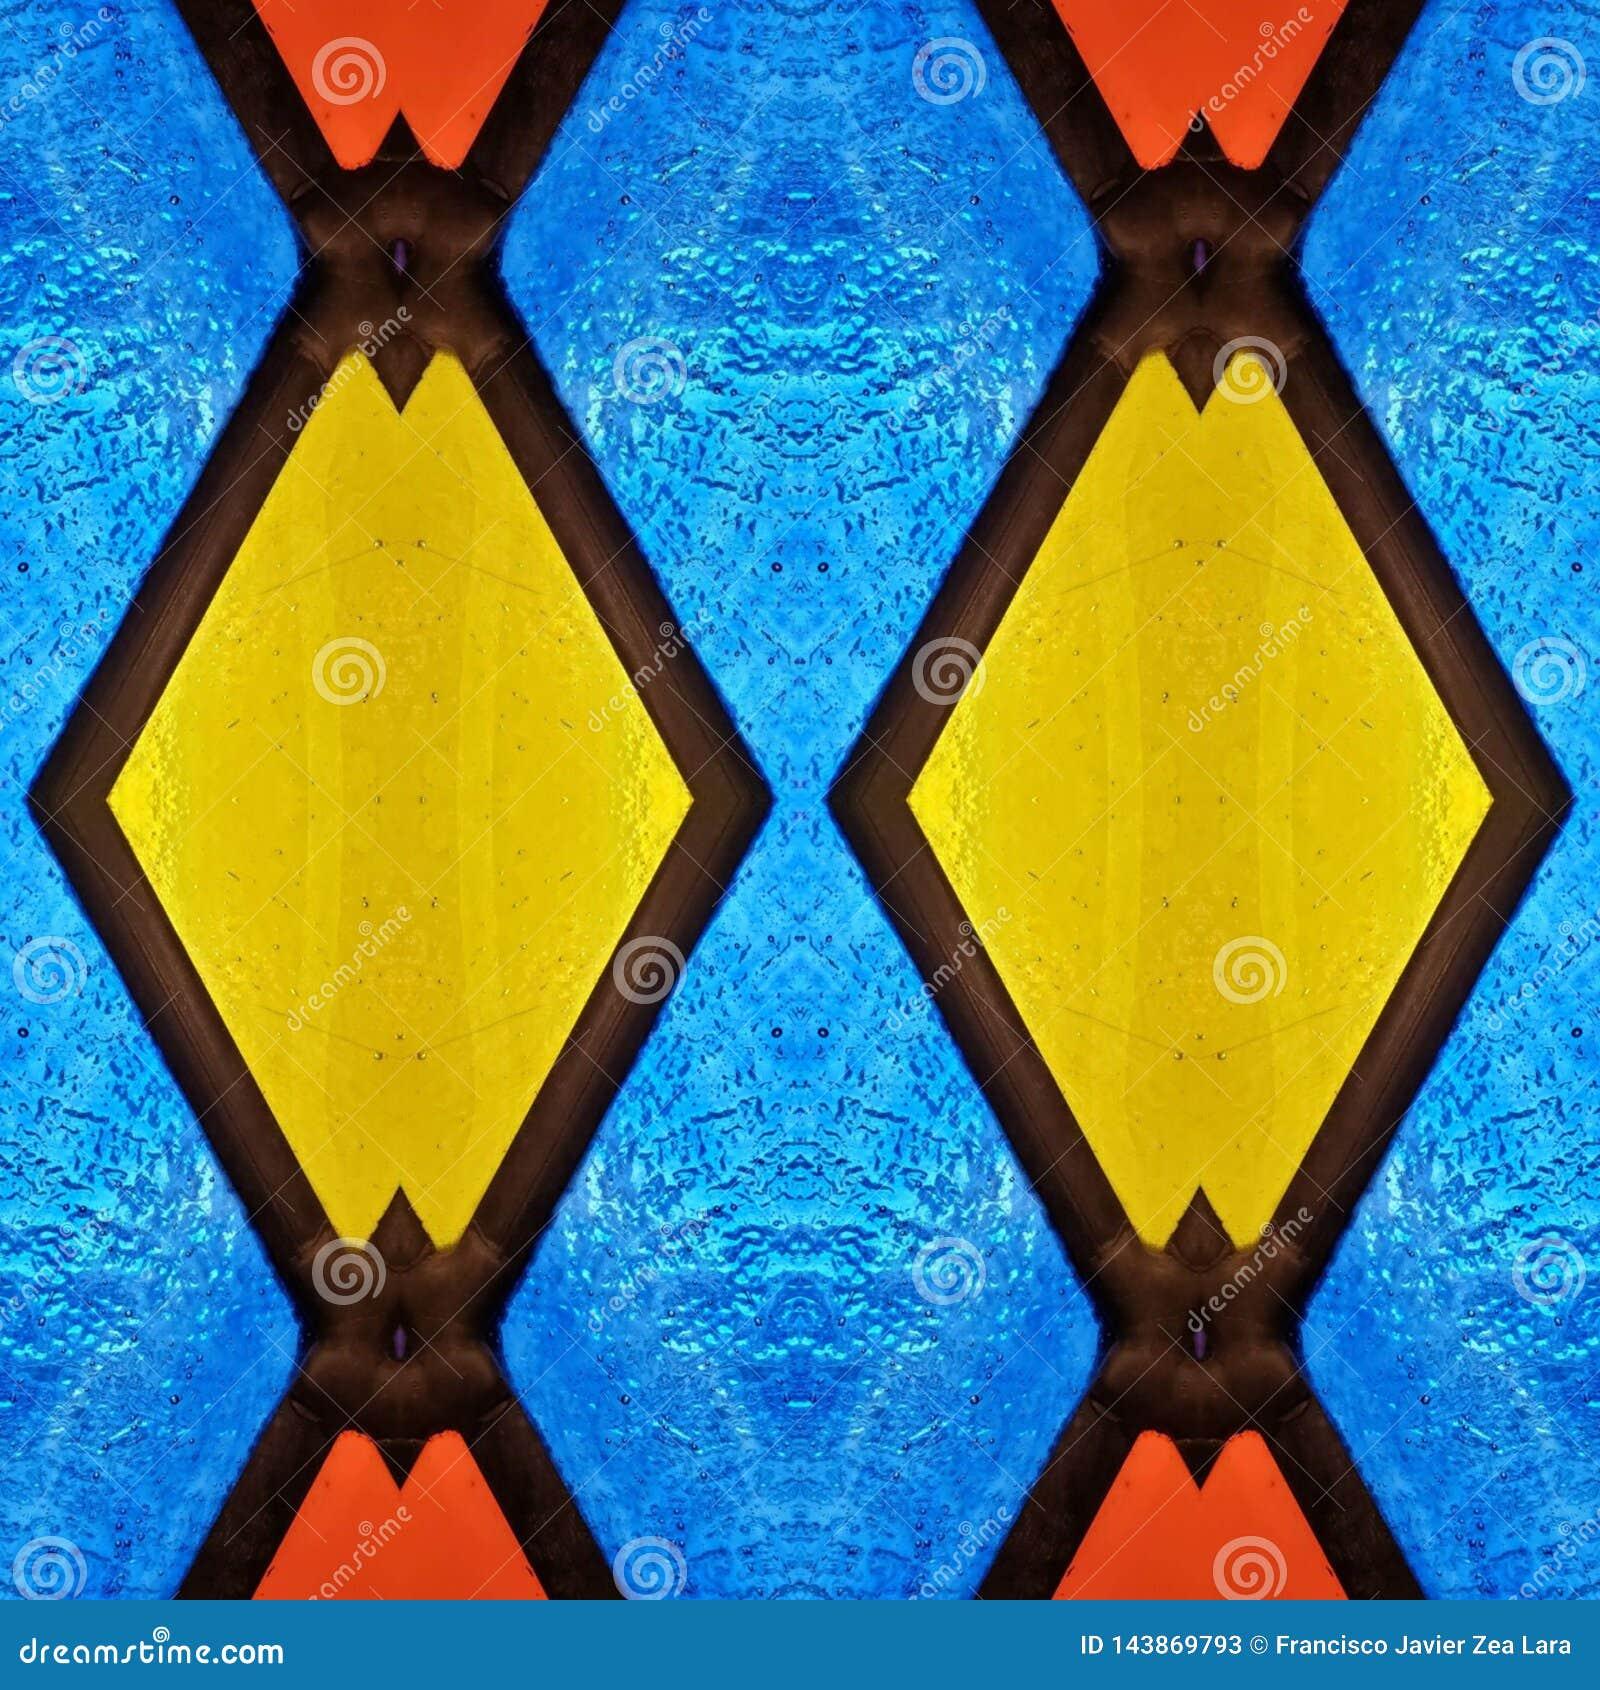 Abstrakt design med målat glass i röda, blåa och gula färger, material för garnering av fönster, bakgrund och textur